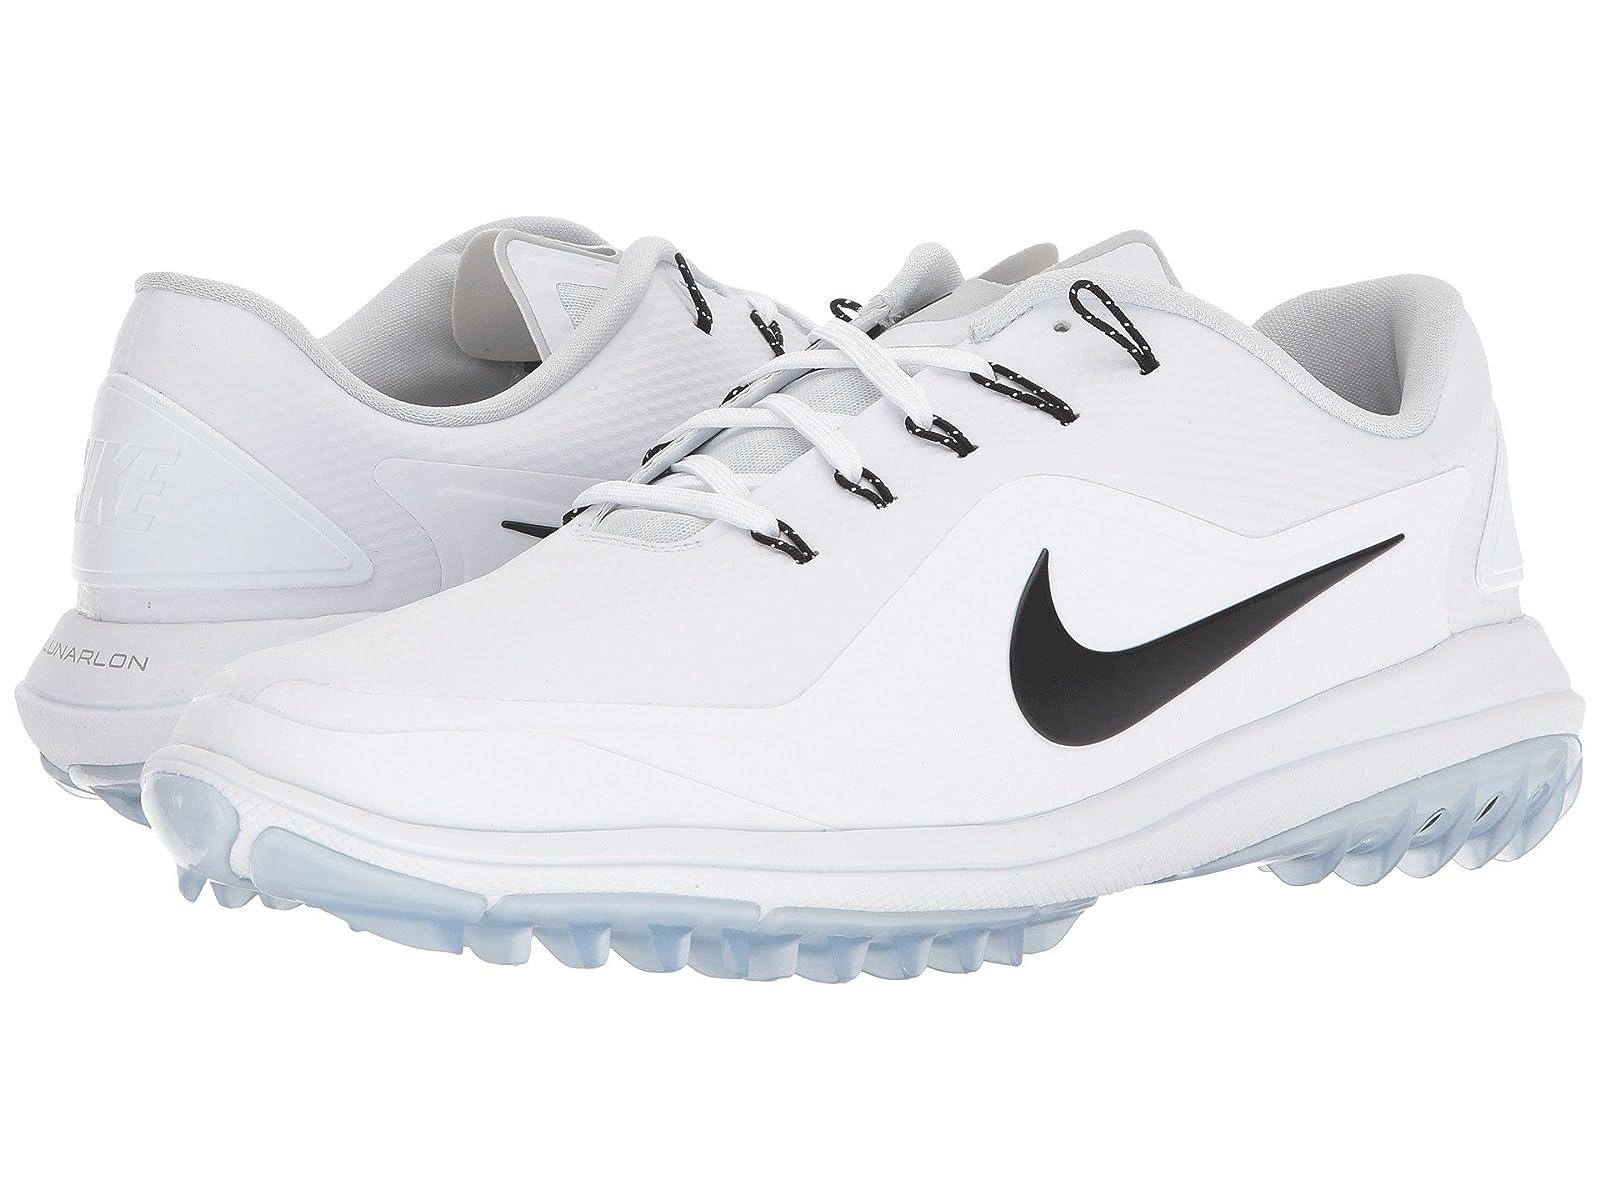 Nike Golf Lunar Control Vapor 2Atmospheric grades have affordable shoes